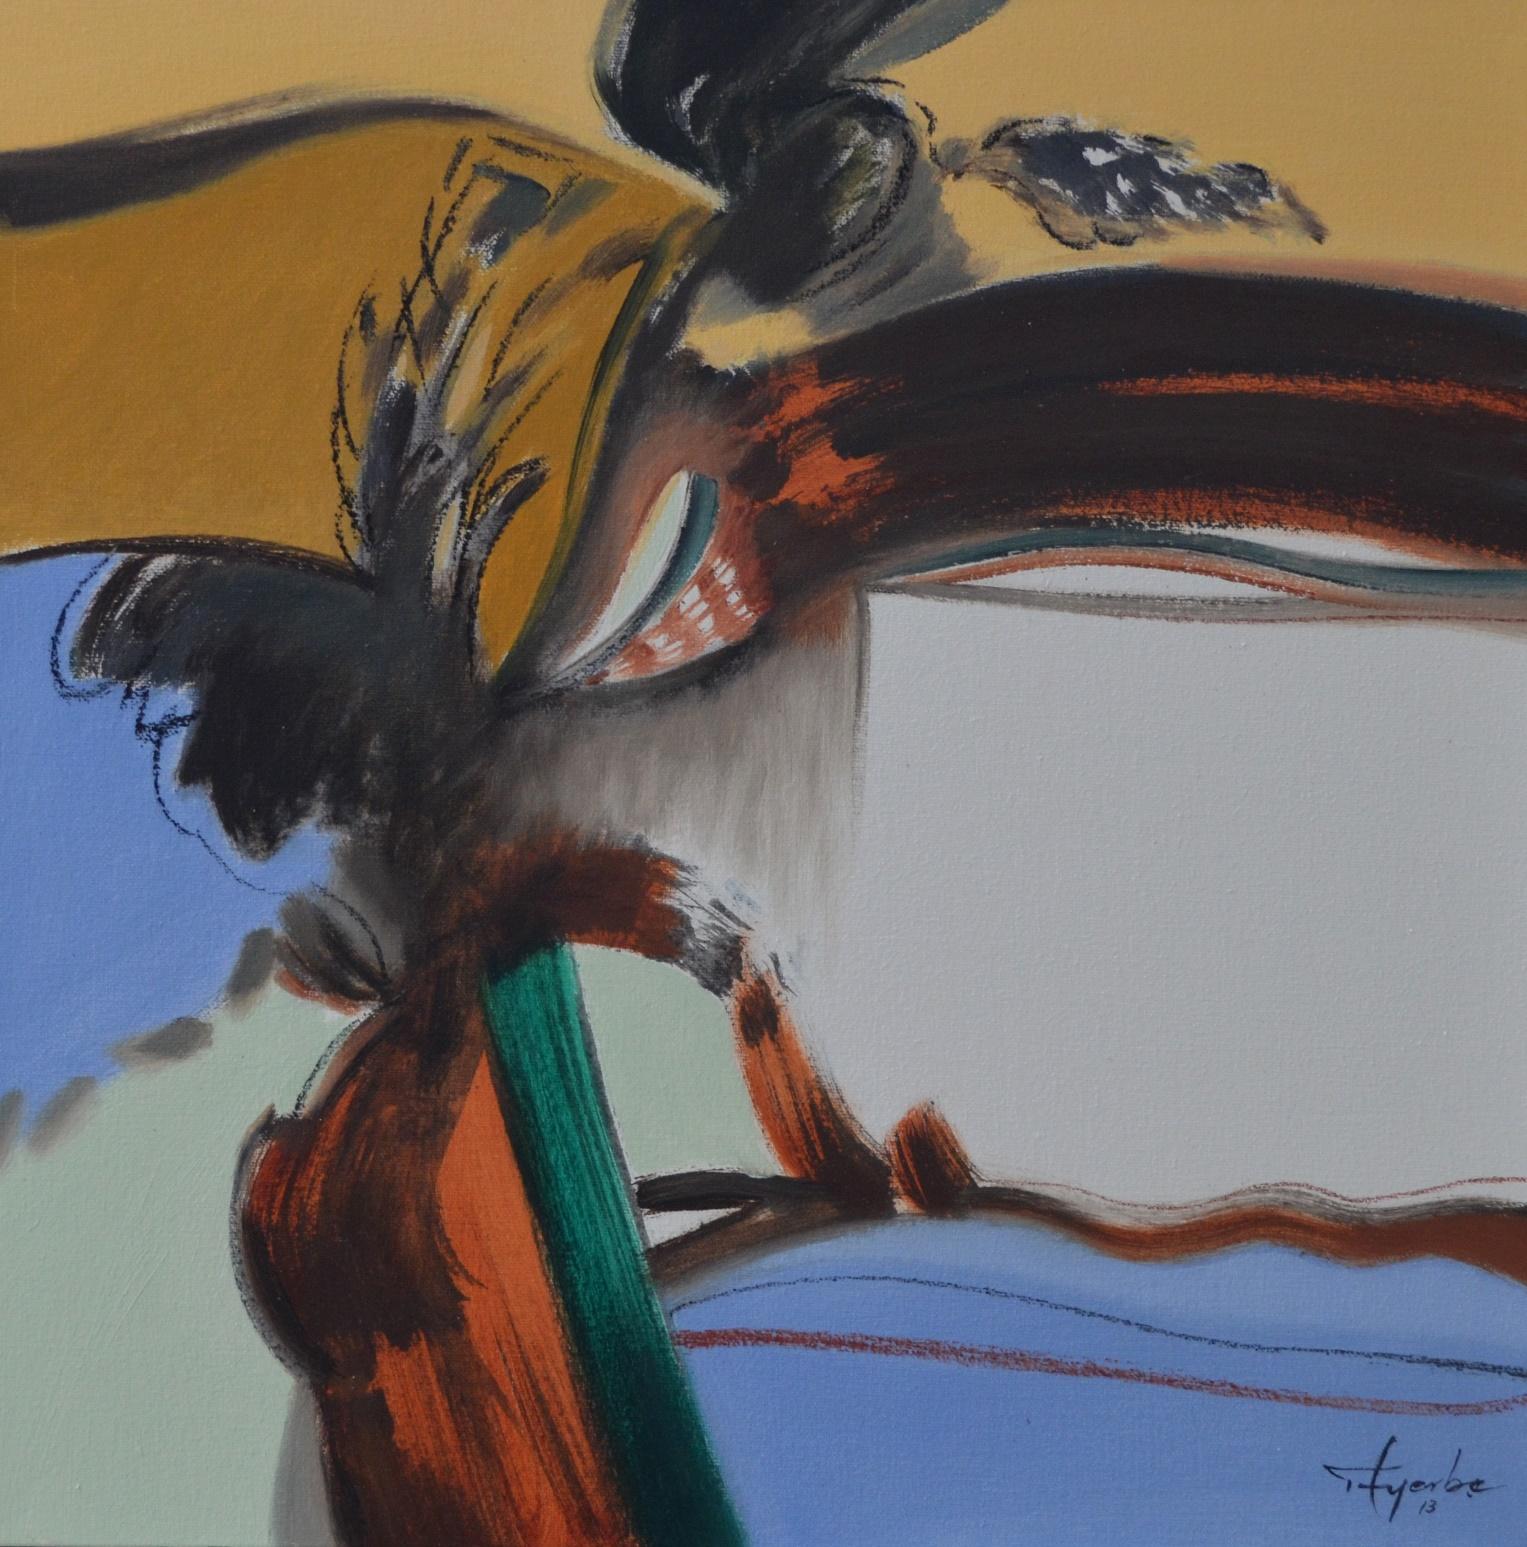 Pintura moderna y fotograf a art stica pintores for Imagenes de cuadros abstractos grandes